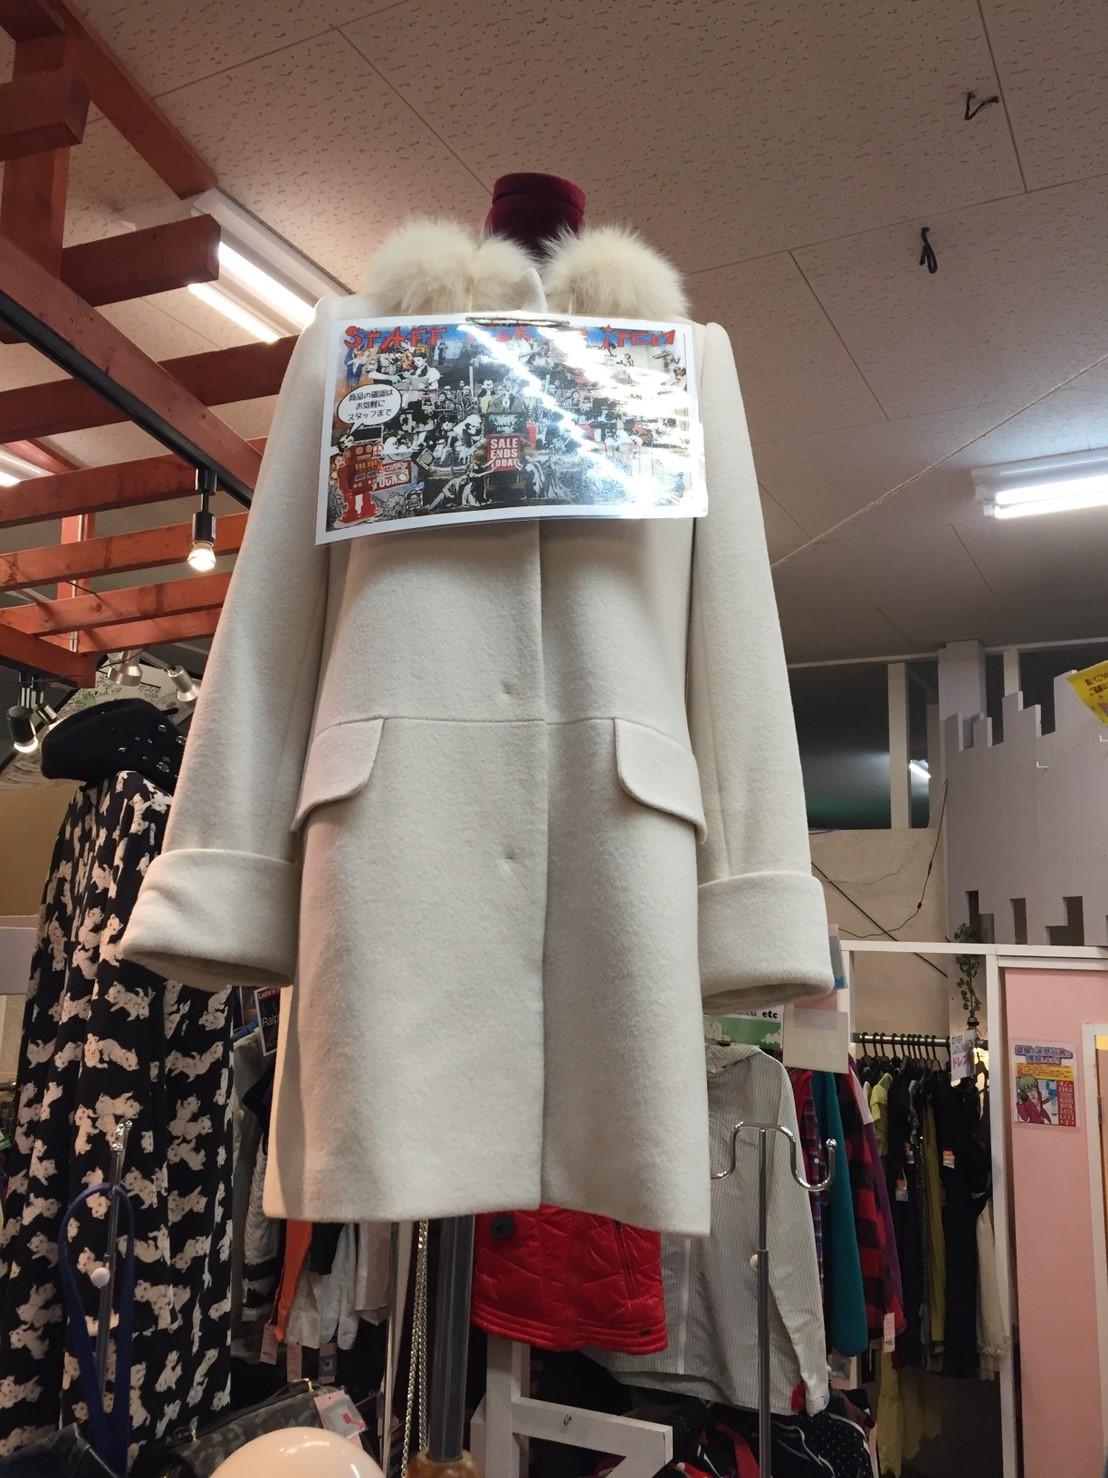 4af107c46b544 2月28日深夜26時迄 ☆ファッションコーナーセール開催中!!!☆冬物 ...